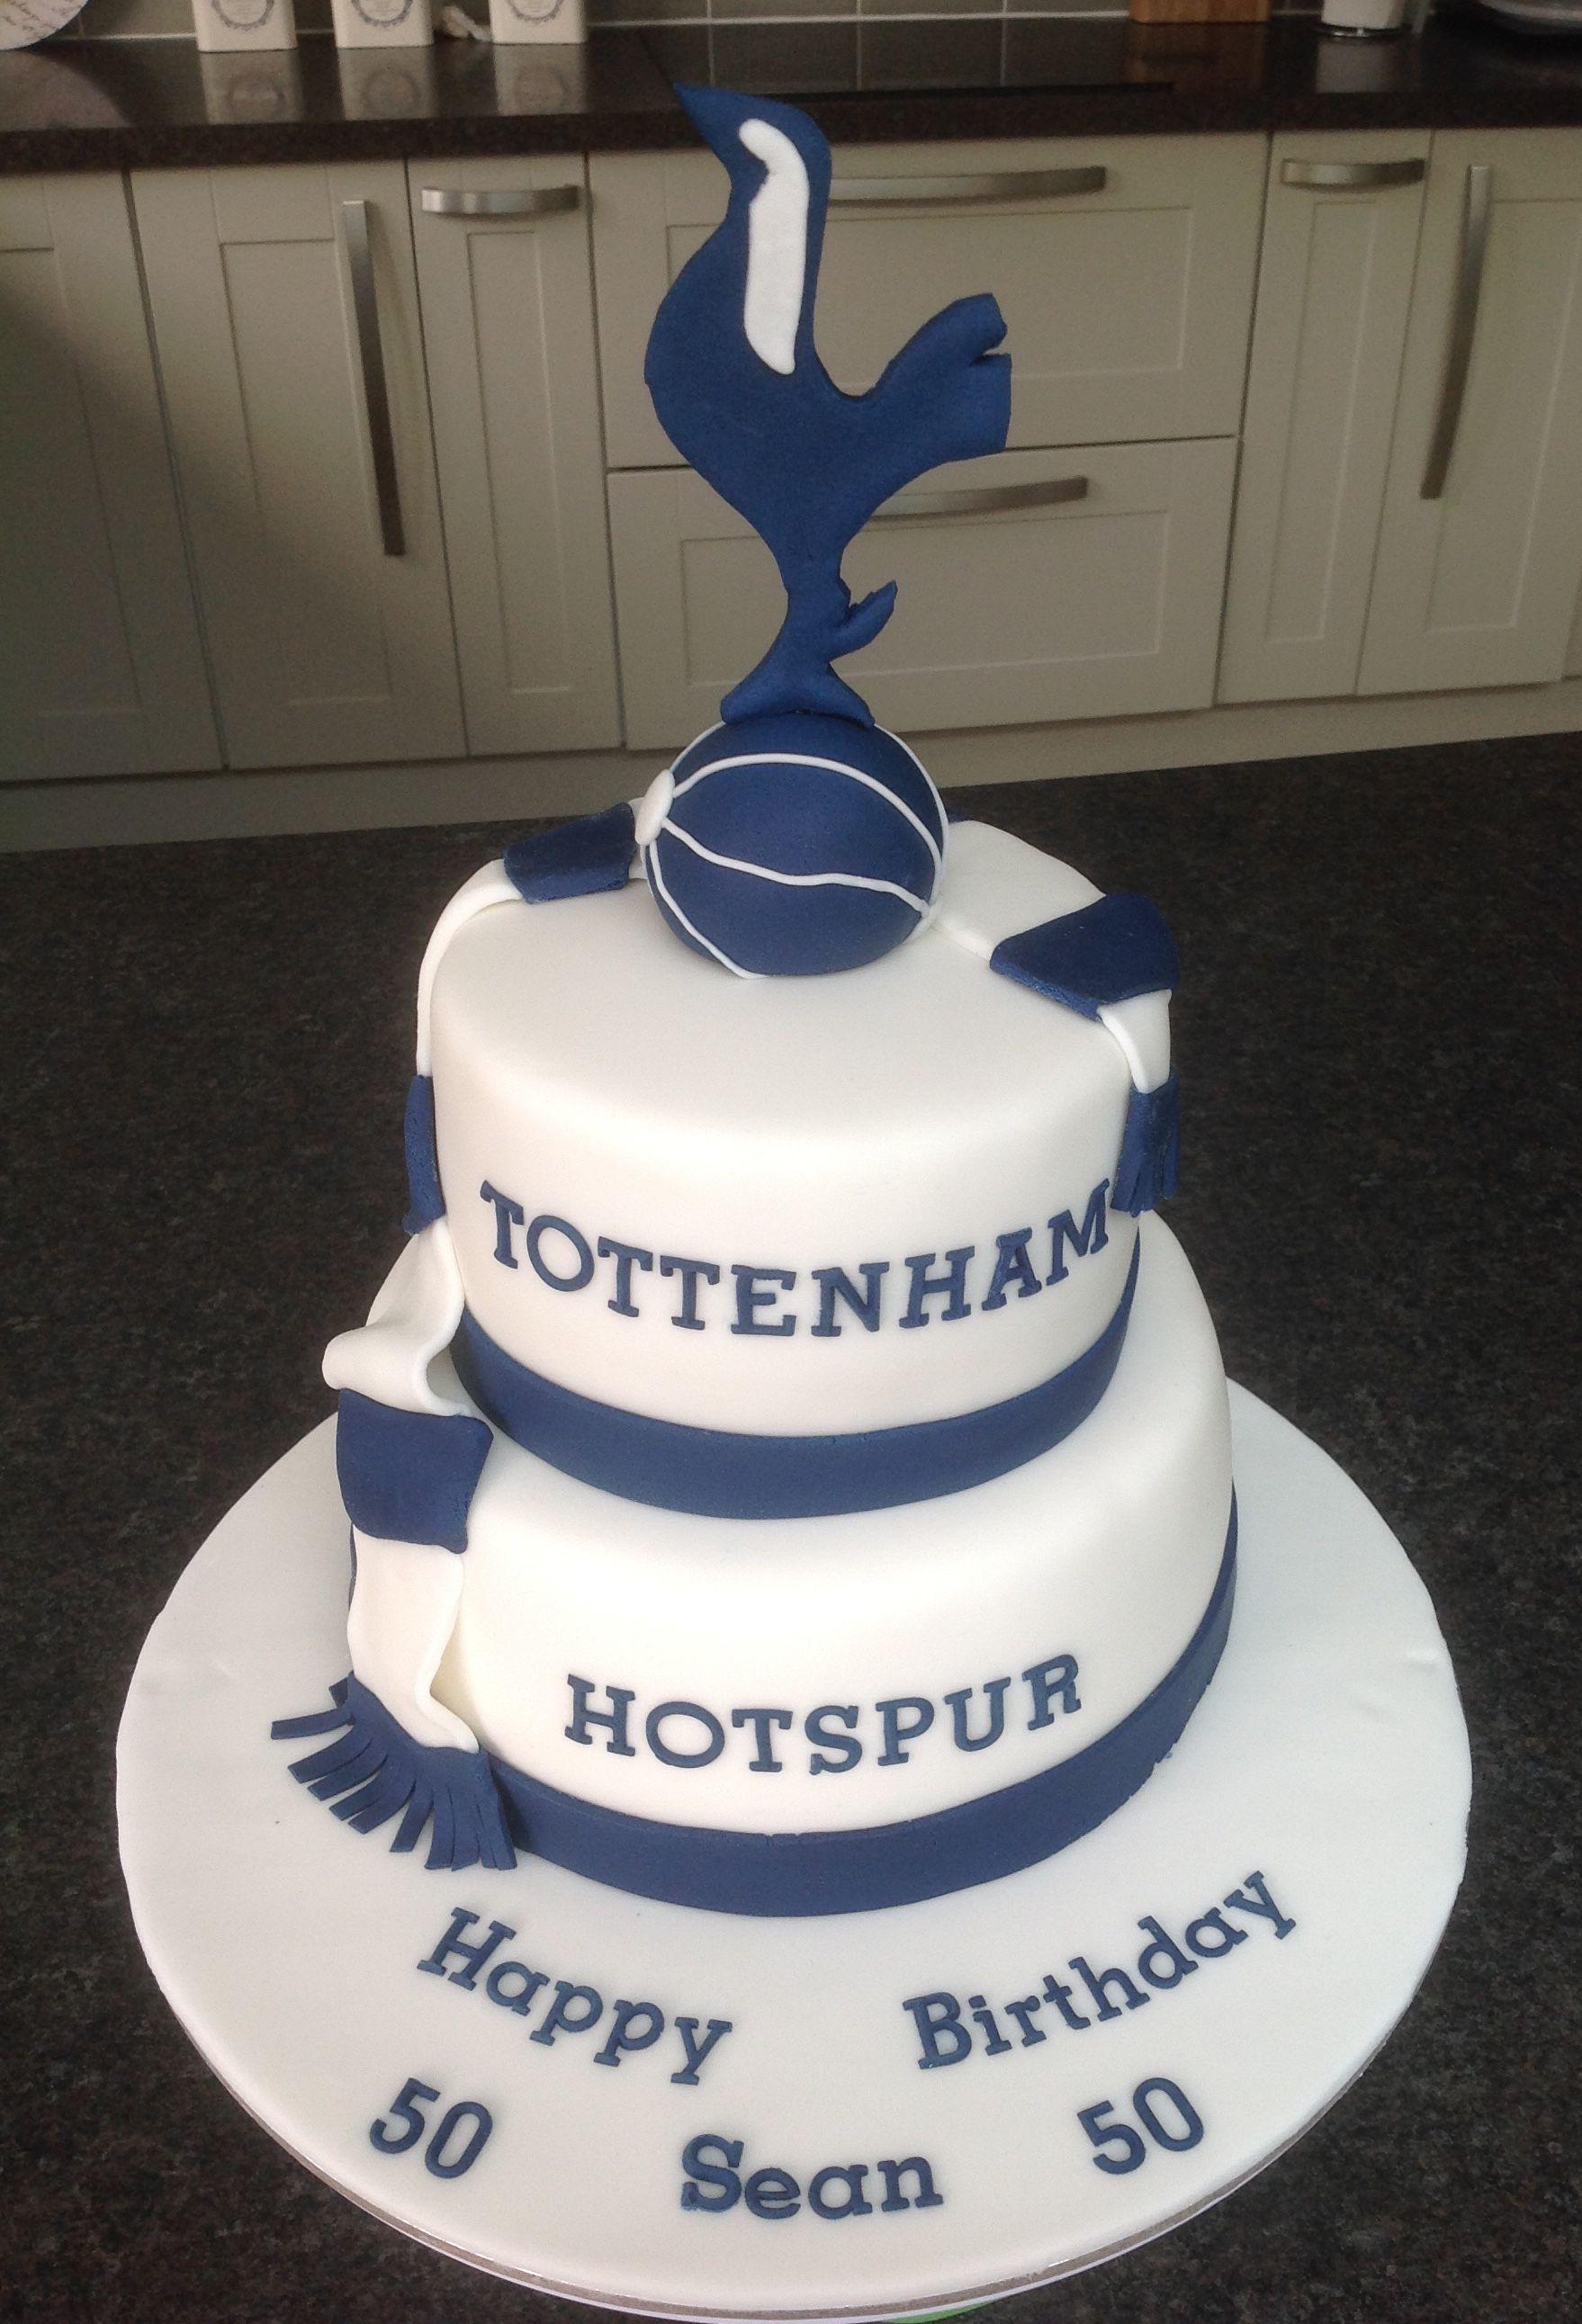 Tottenham Cake Cool Birthday Cakes Birthday Cakes For Men Cake